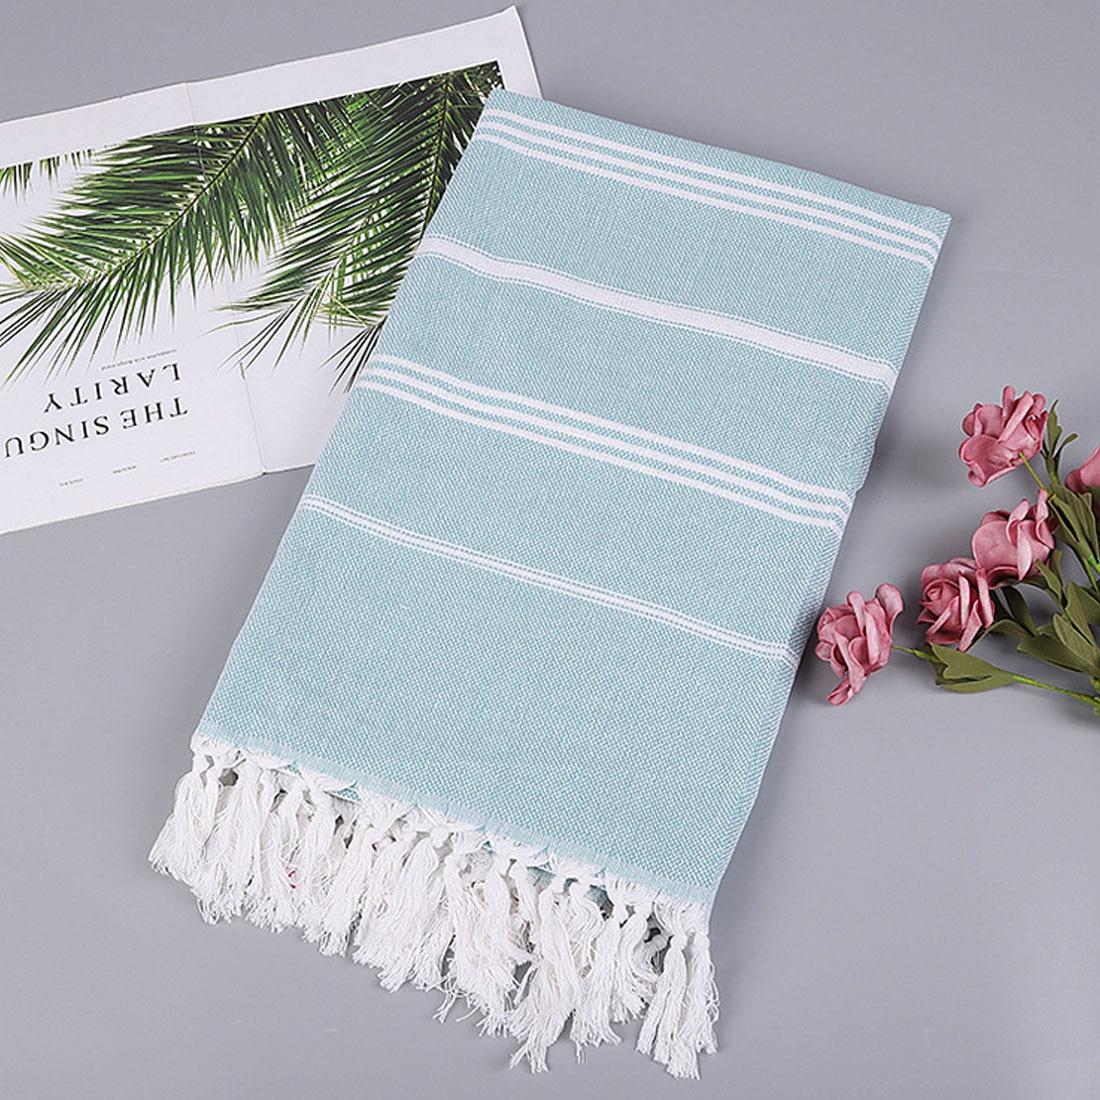 1Pc Turkish Beach Towels 100% Cotton Stripes Thin Bath